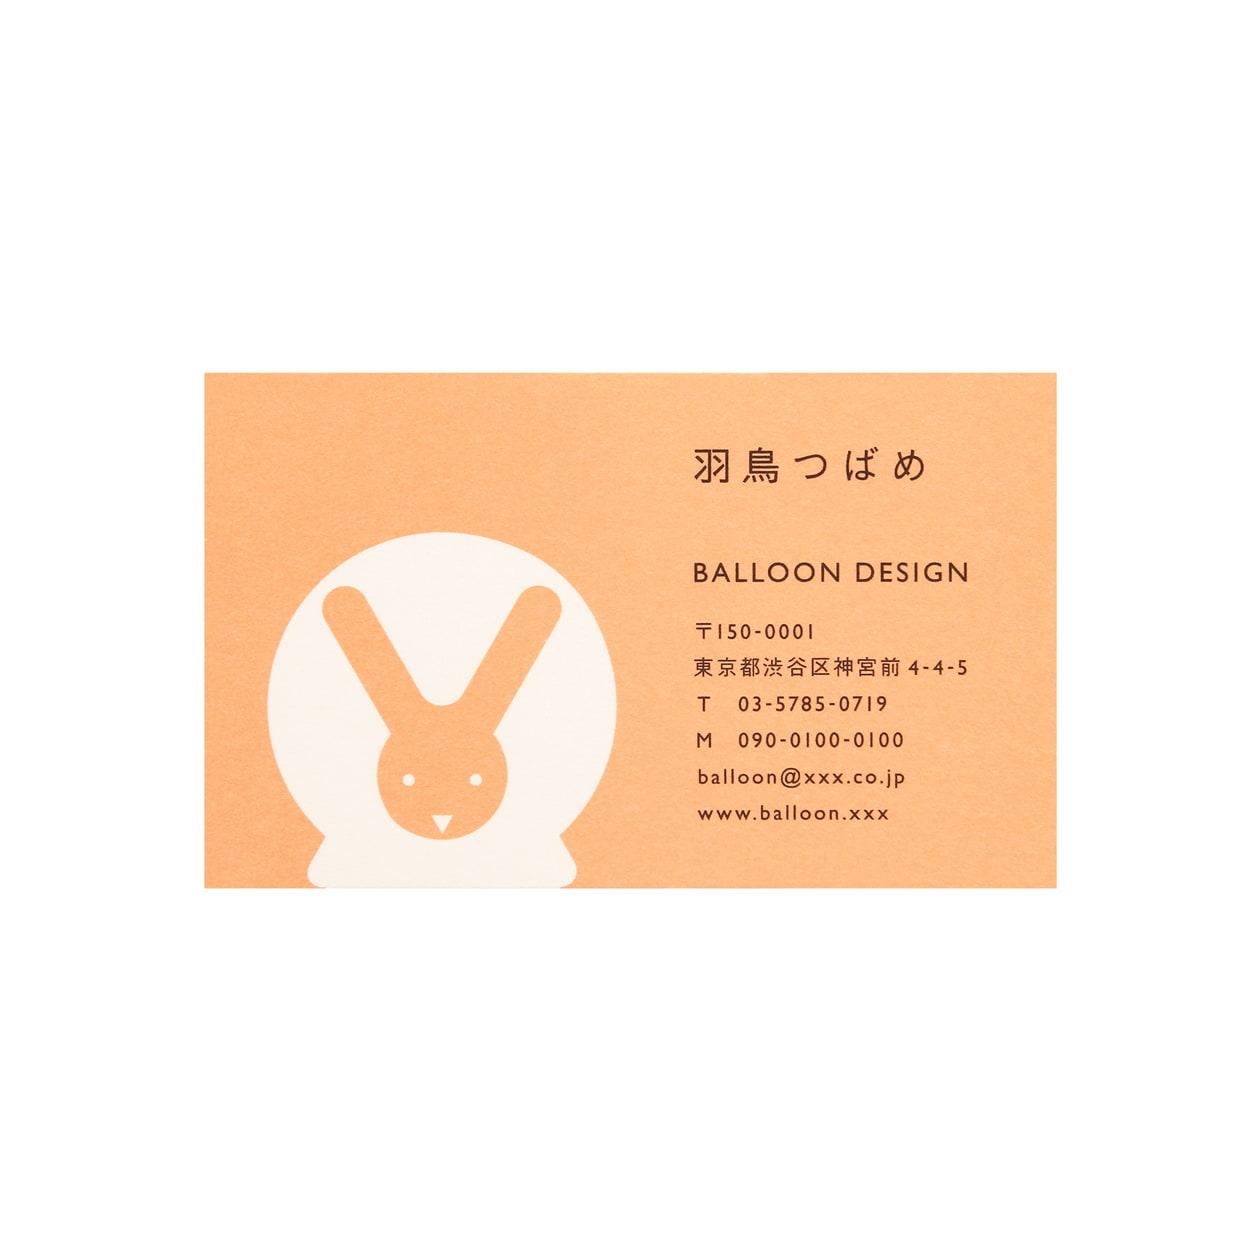 サンプル カード・シート 00489